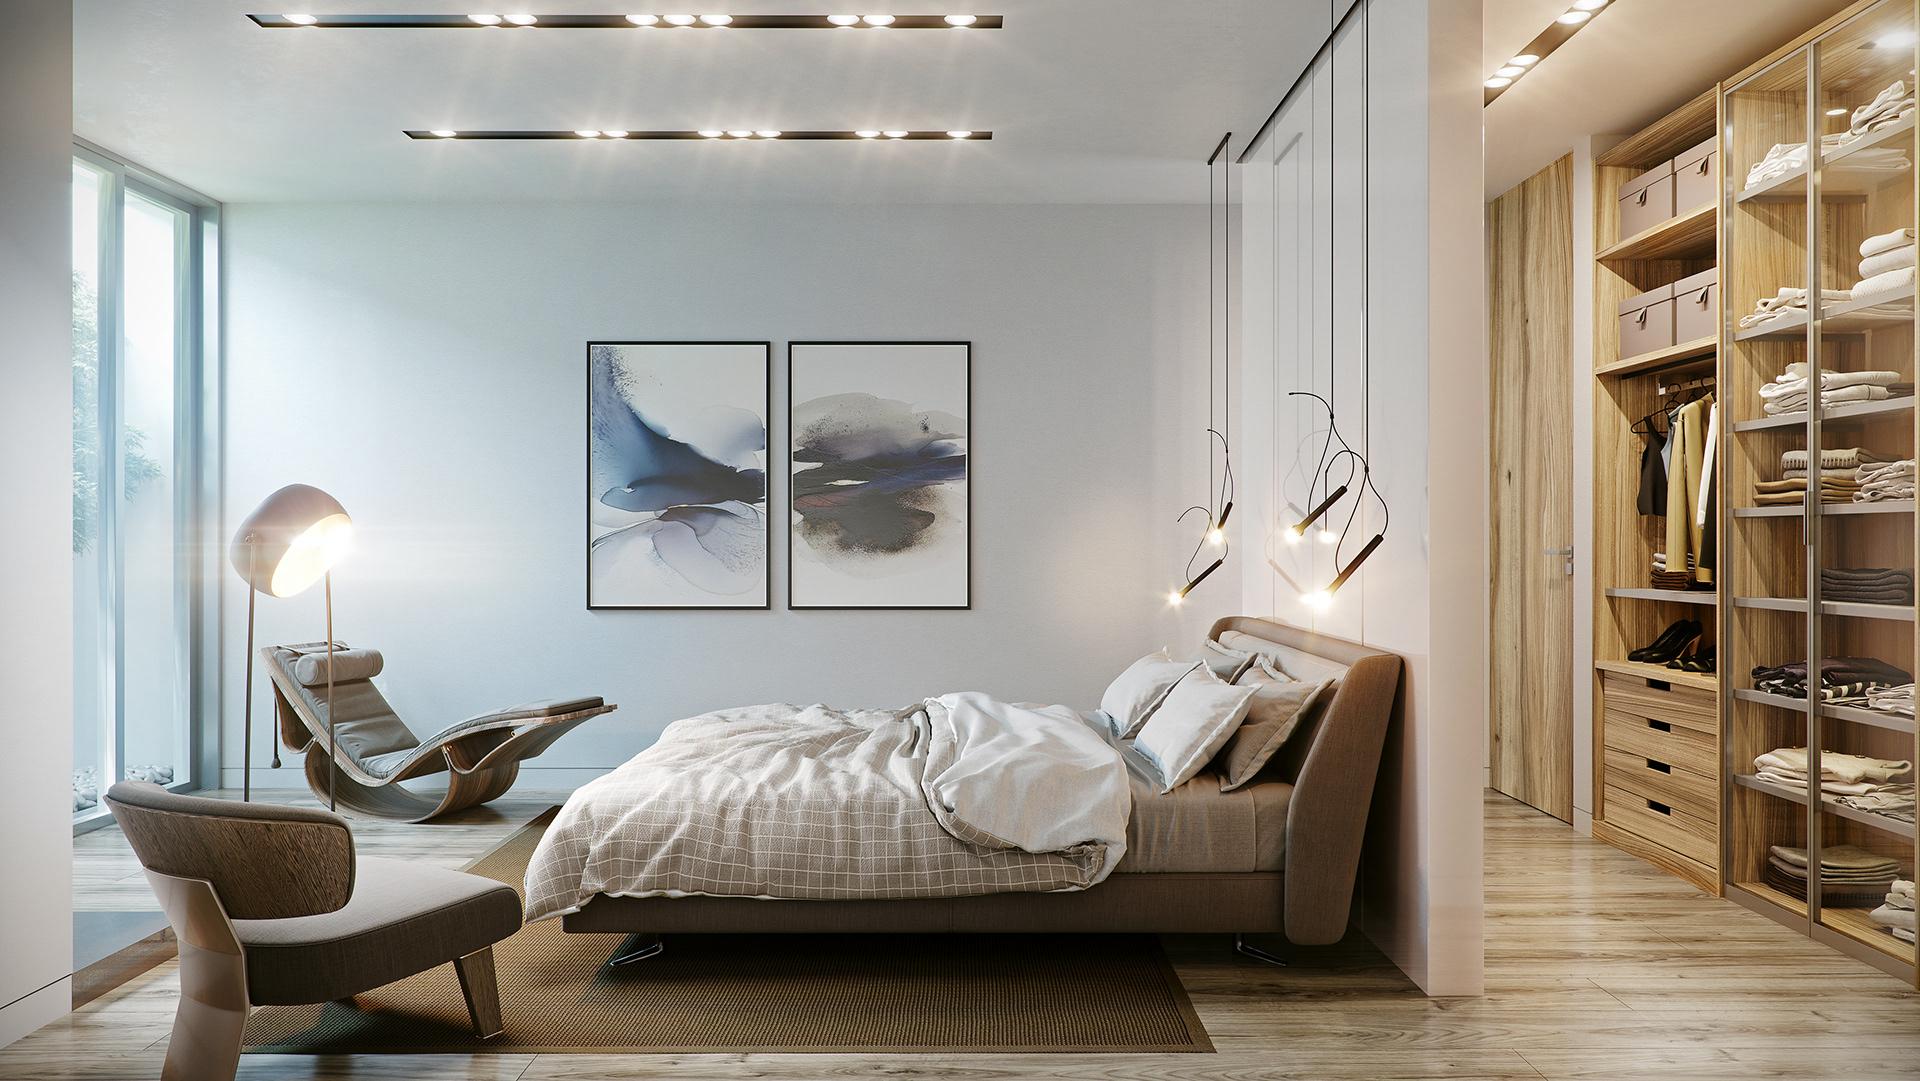 Phòng ngủ hiện đại được tô điểm nhẹ nhàng nhưng vẫn mang đậm chất nghệ thuật.